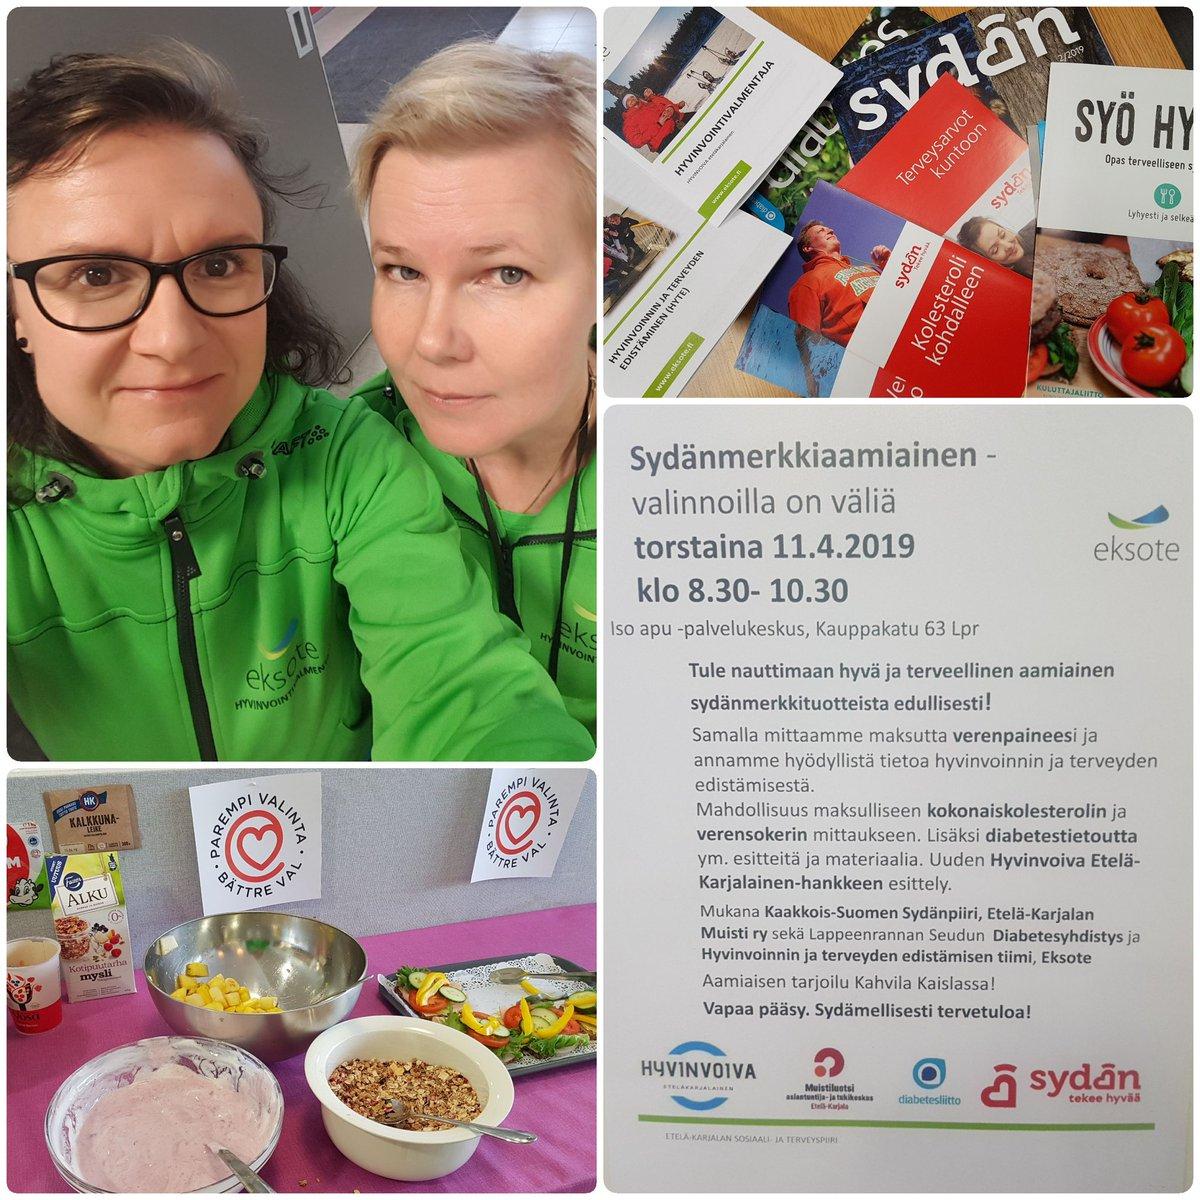 vakka-suomen diabetesyhdistys ry